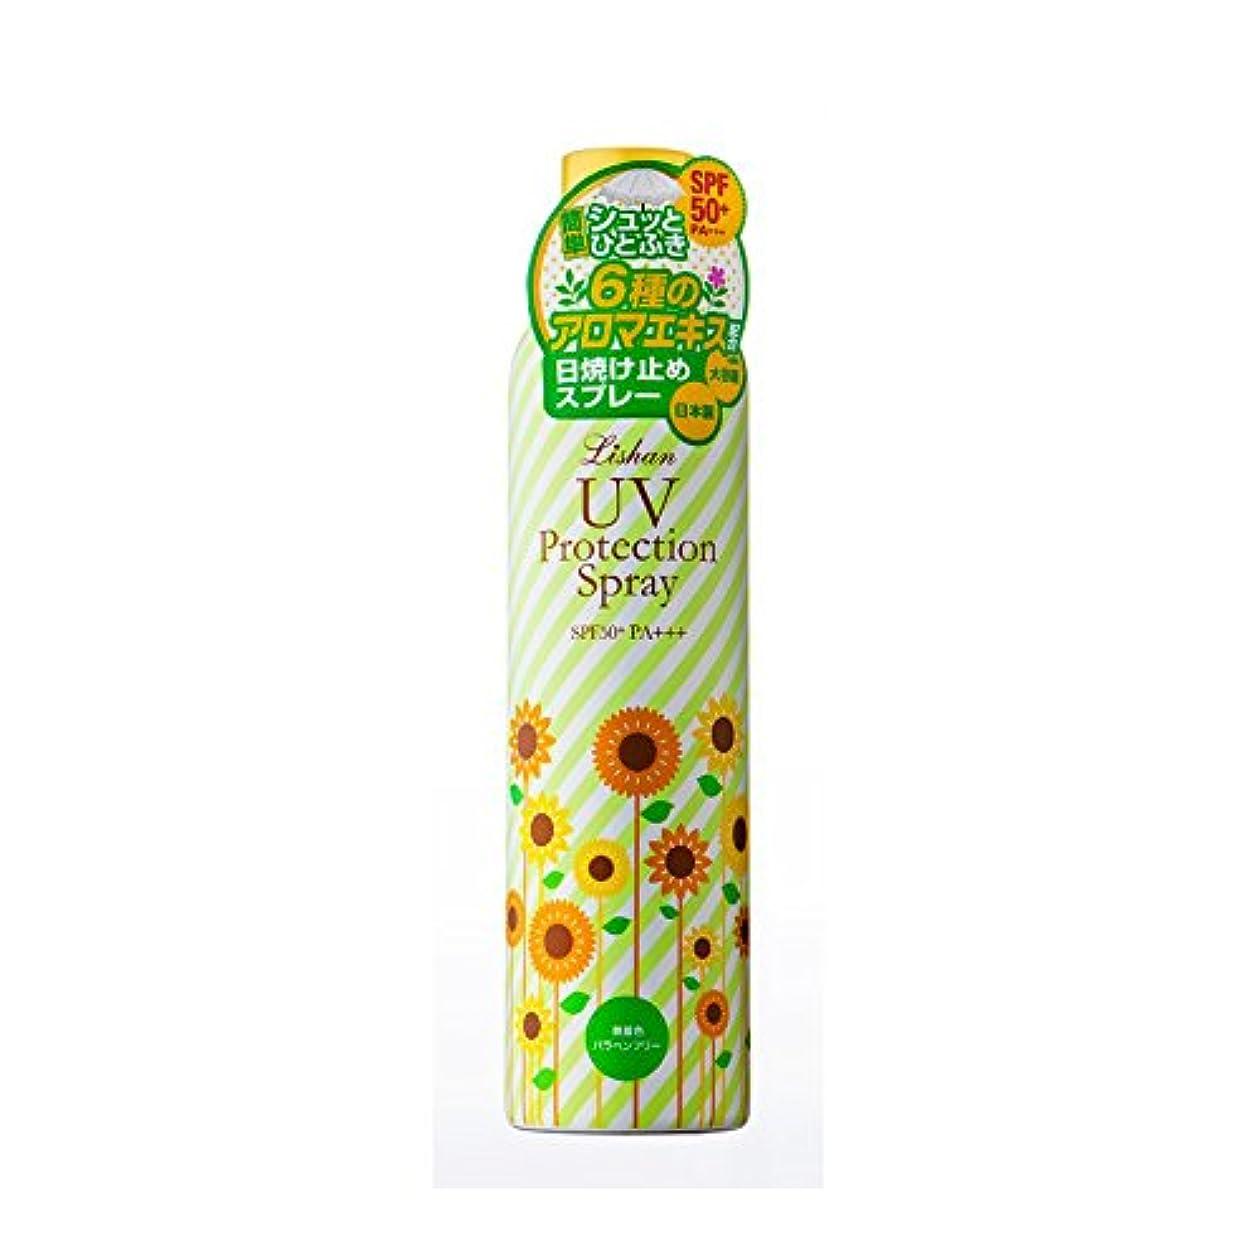 北東抹消インキュバスリシャン 大容量UVスプレー アロマミックスの香り (230g)